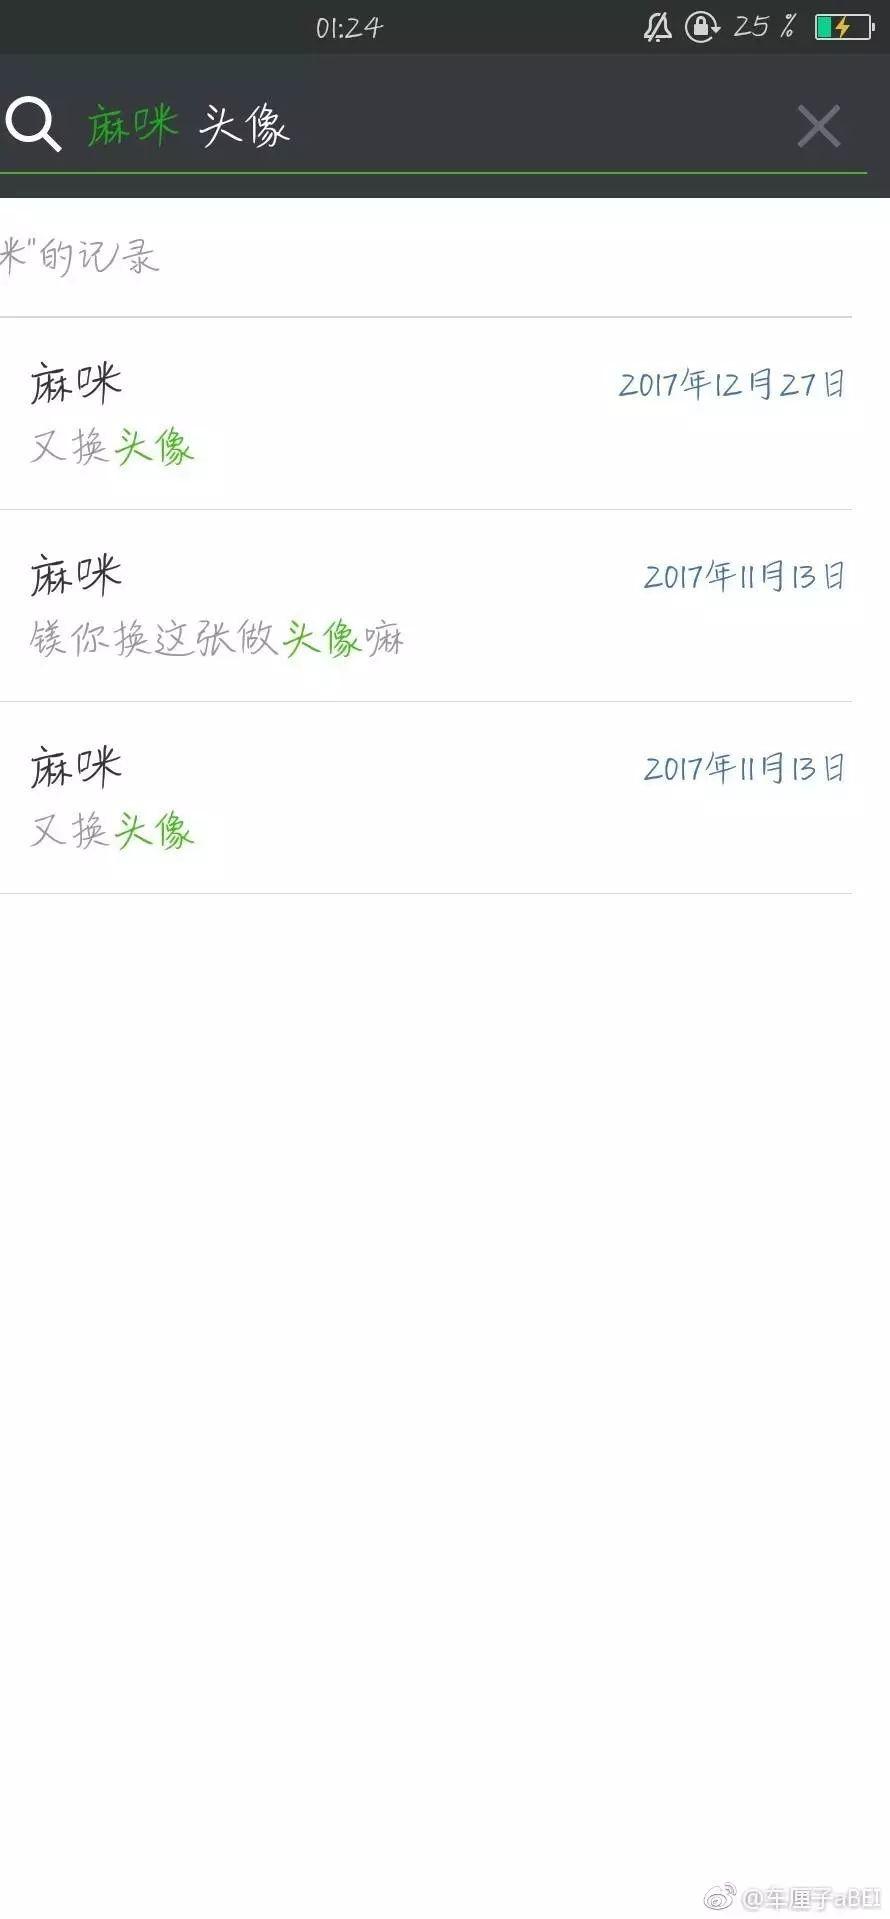 """香港六合彩信息爸妈:""""你不换头像,第一时间查看开奖结果开奖记特,寒假别回家了"""""""